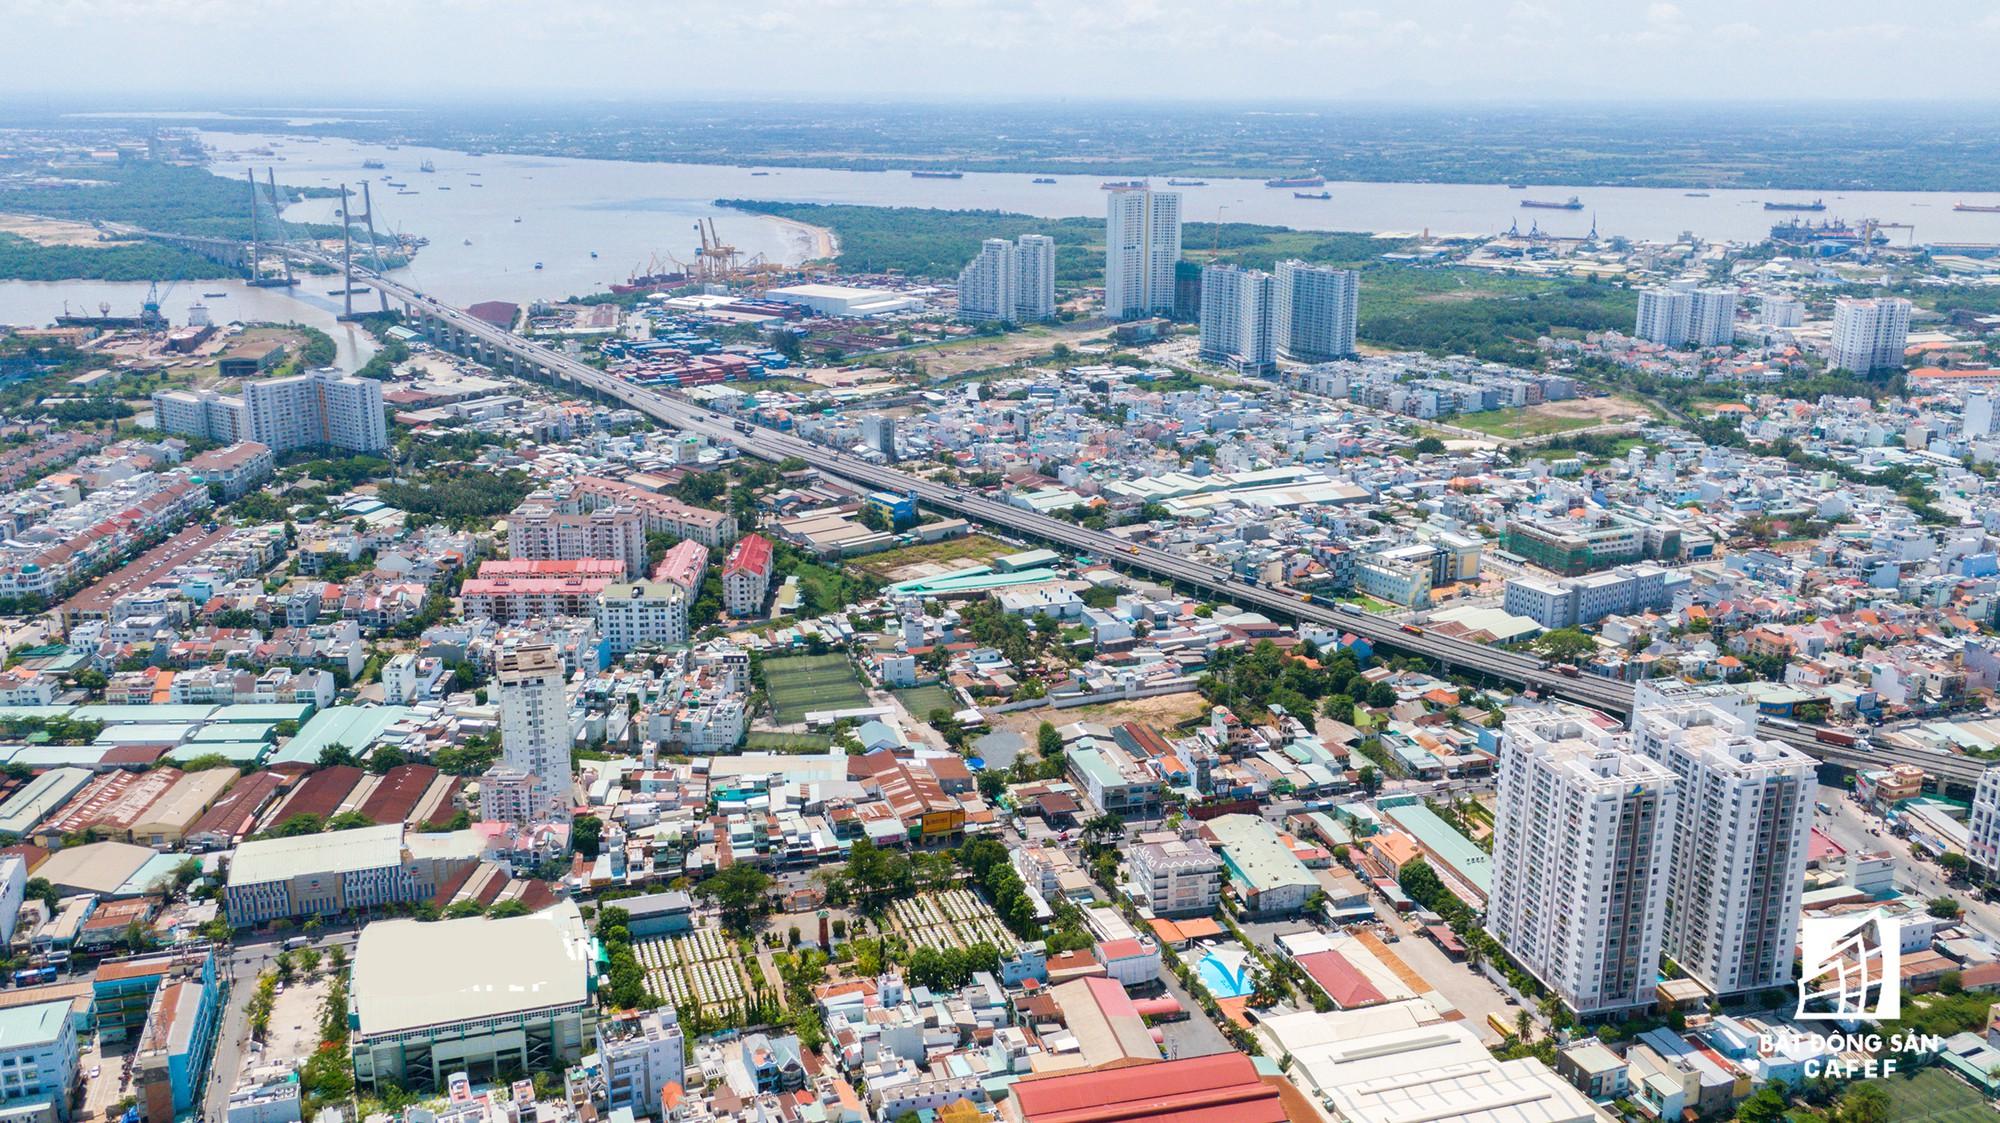 Cung đường dự án tỷ đô khiến bất động sản khu Nam Sài Gòn trỗi dậy - Ảnh 11.